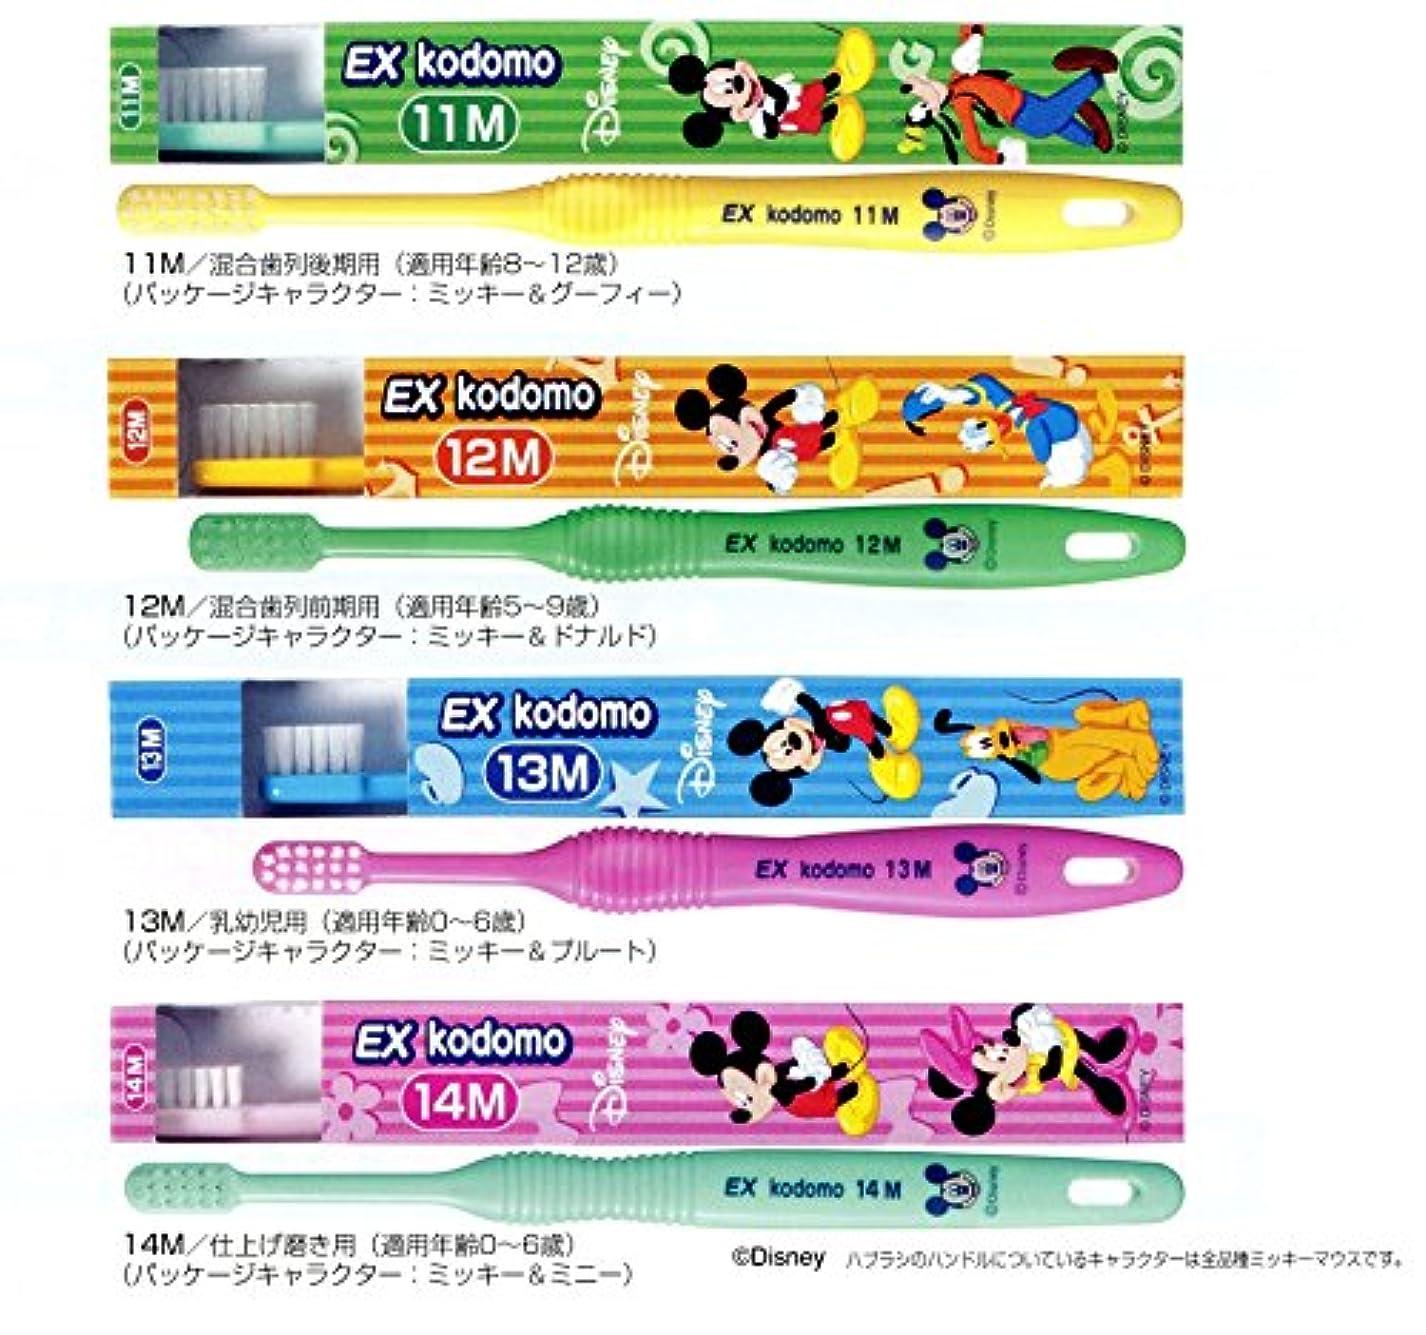 卵経歴リマライオン コドモ ディズニー DENT.EX kodomo Disney 1本 14M ブルー (仕上げ磨き用?0?6歳)